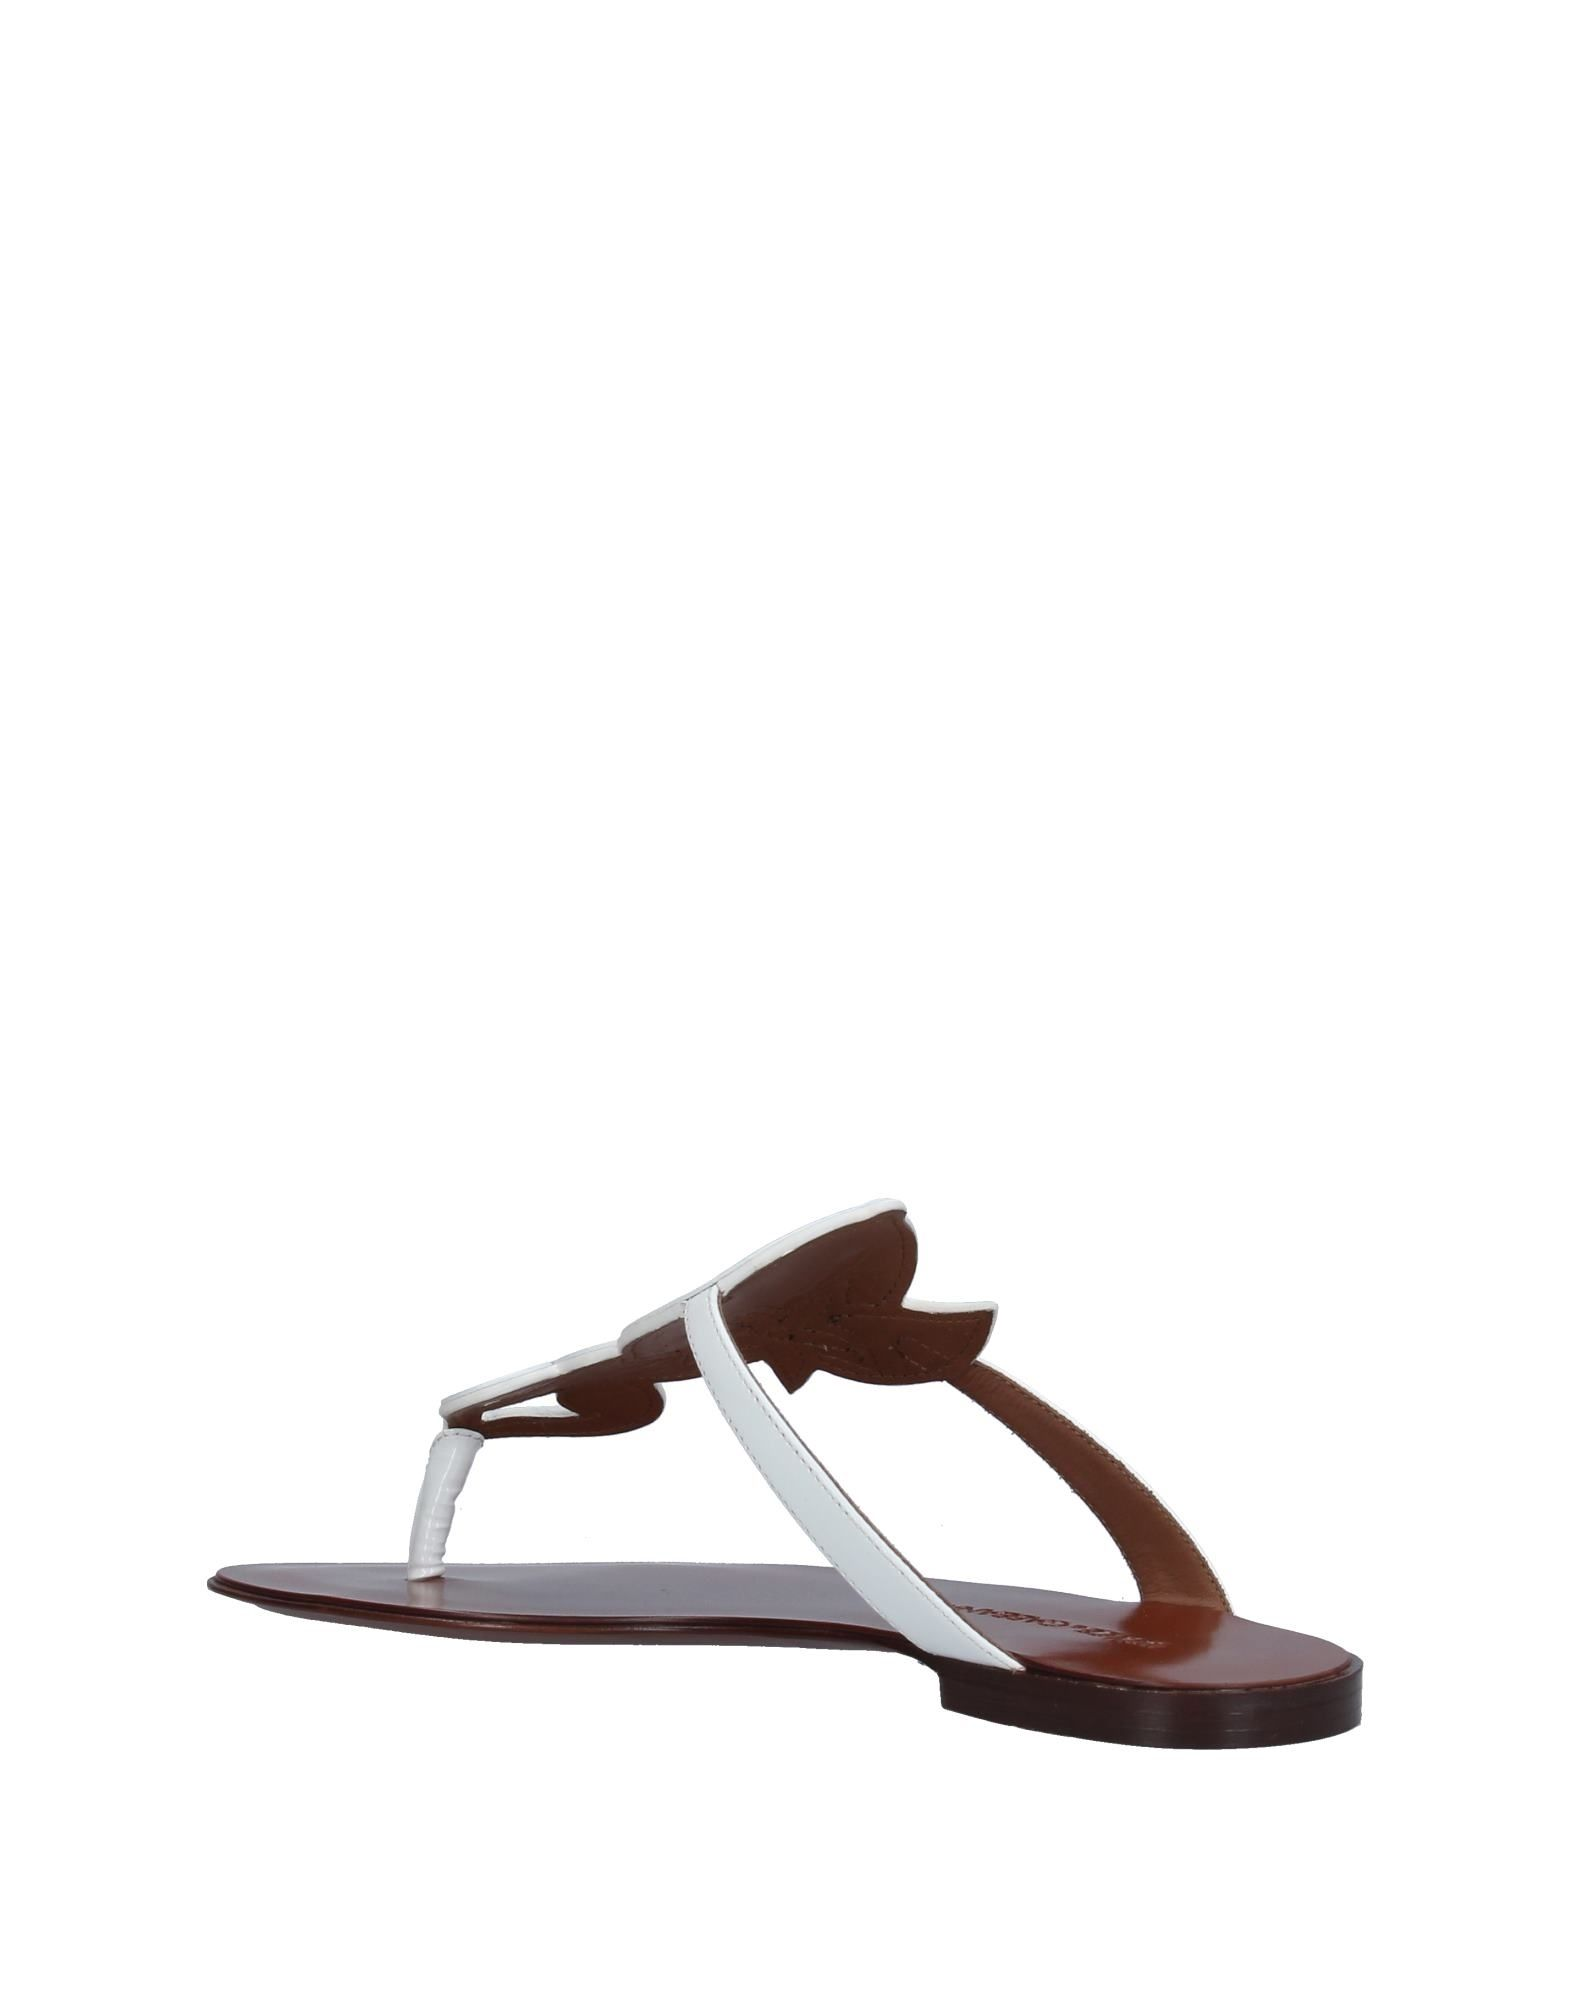 Rabatt Gabbana Schuhe Dolce & Gabbana Rabatt Dianetten Damen  11349148XN 6e854d